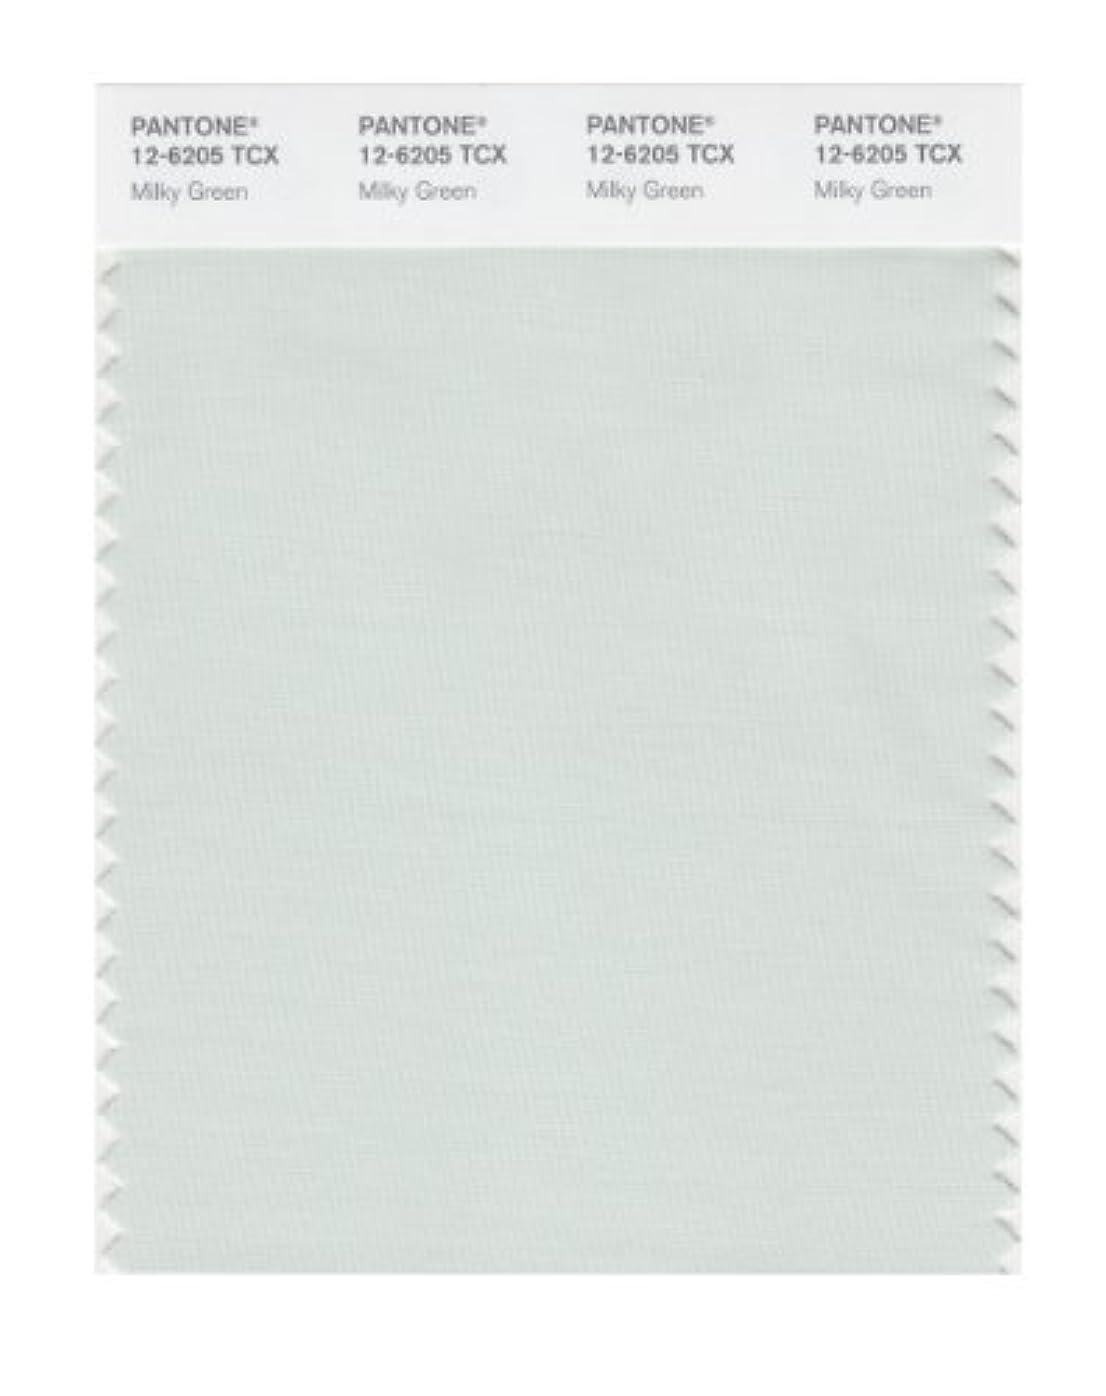 エスカレートくつろぎマウンドPantone色見本スマートカード 12-6205X 1